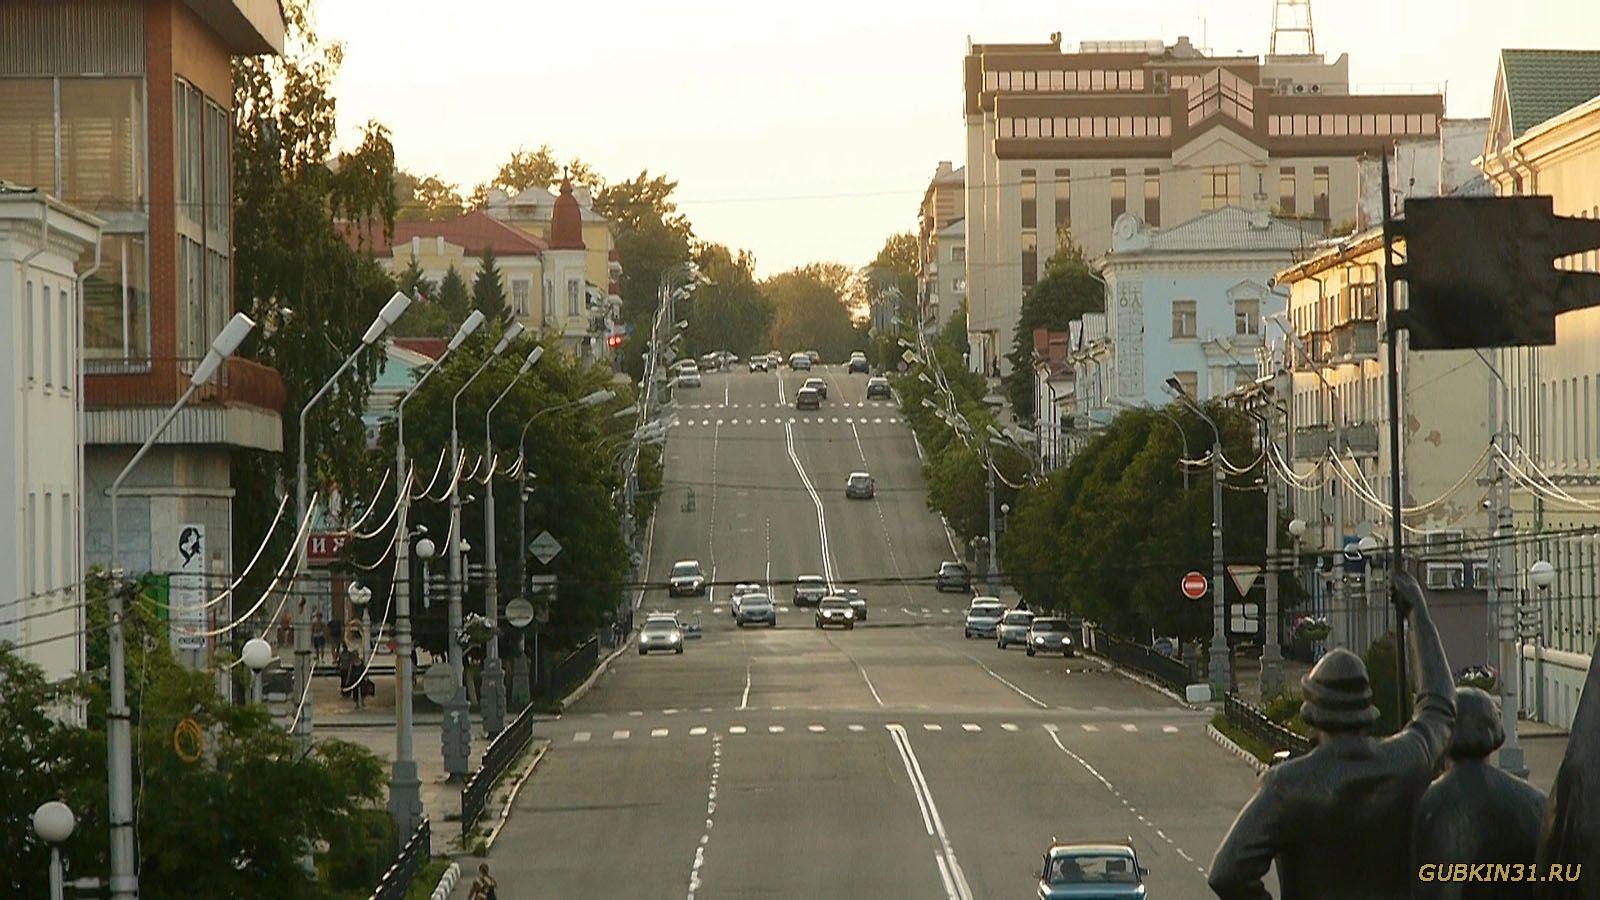 http://www.gubkin31.ru/images/photos/256e899e3755cd5affb1de1b98c1d504.jpg